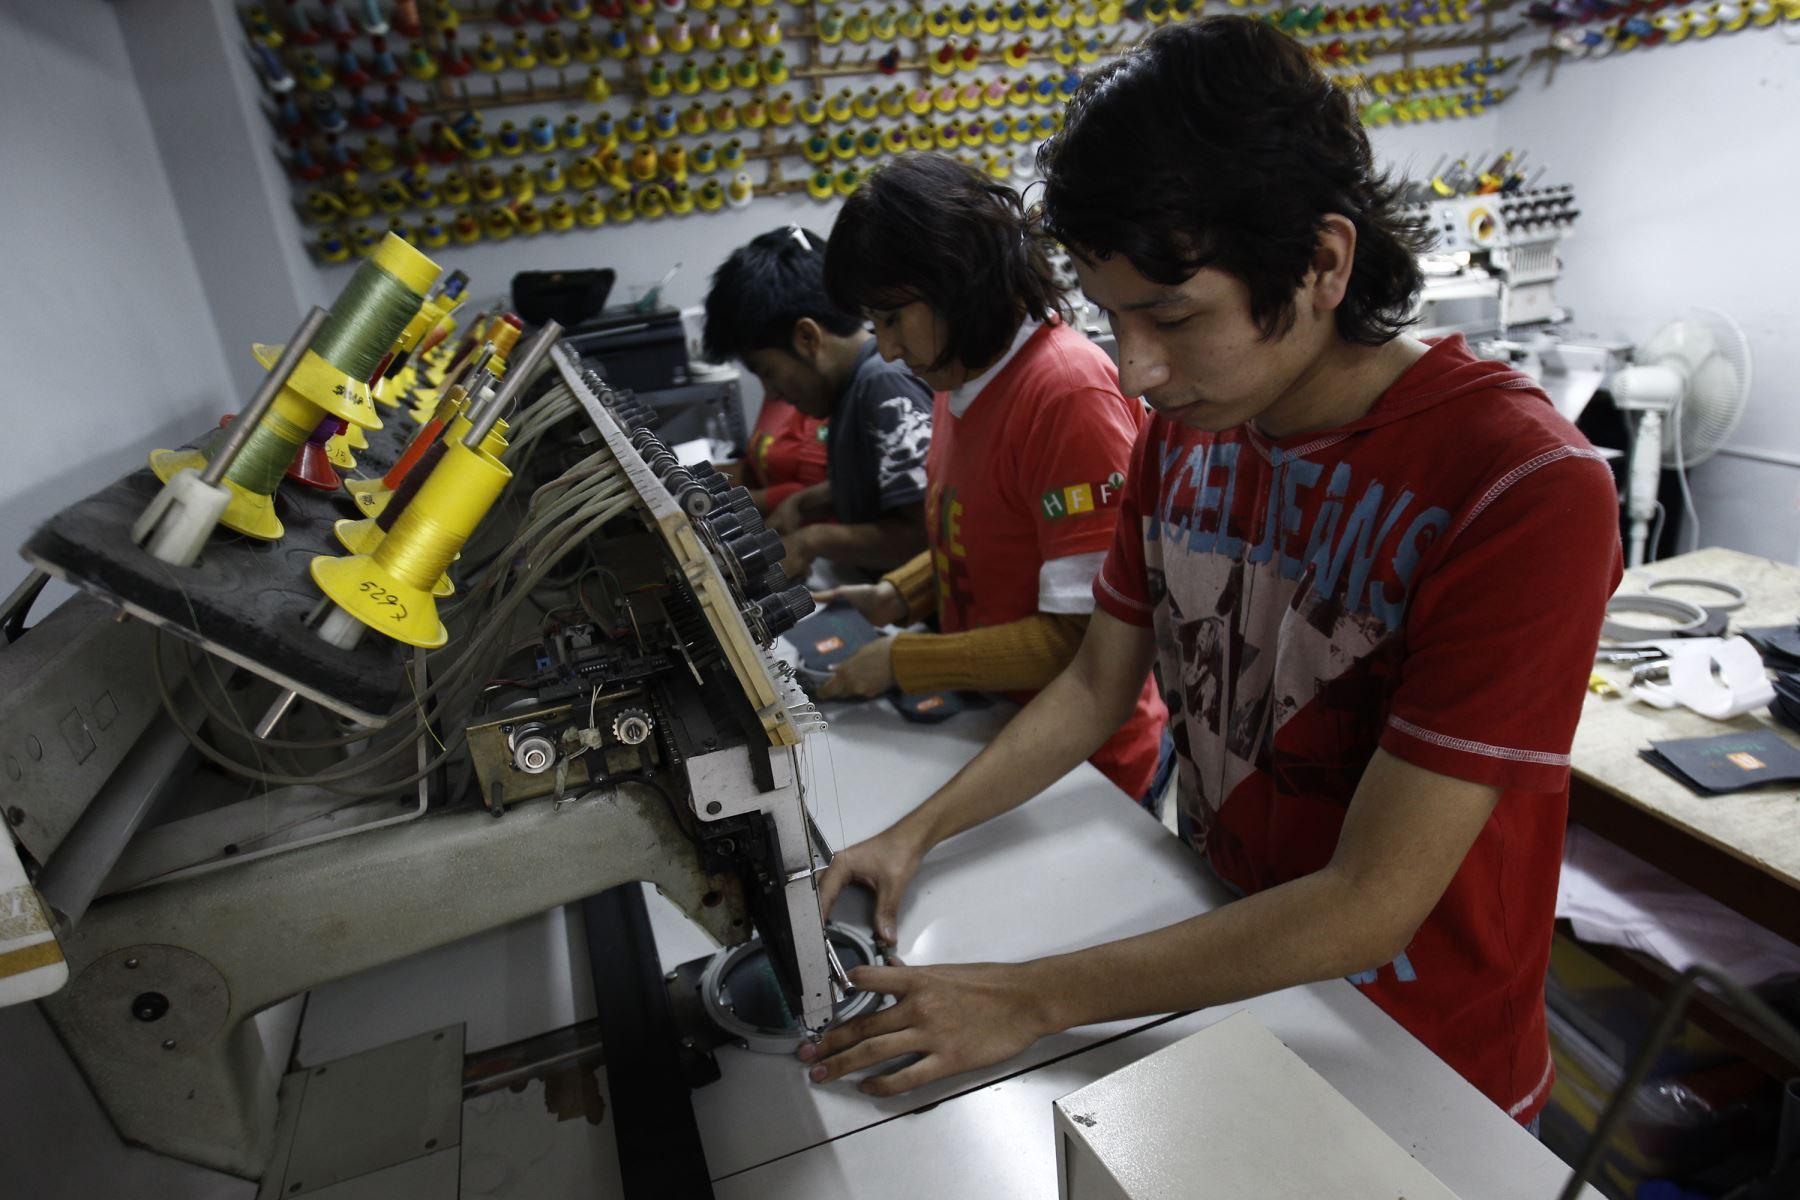 Taller textil. ANDINA/Juan Carlos Guzmán